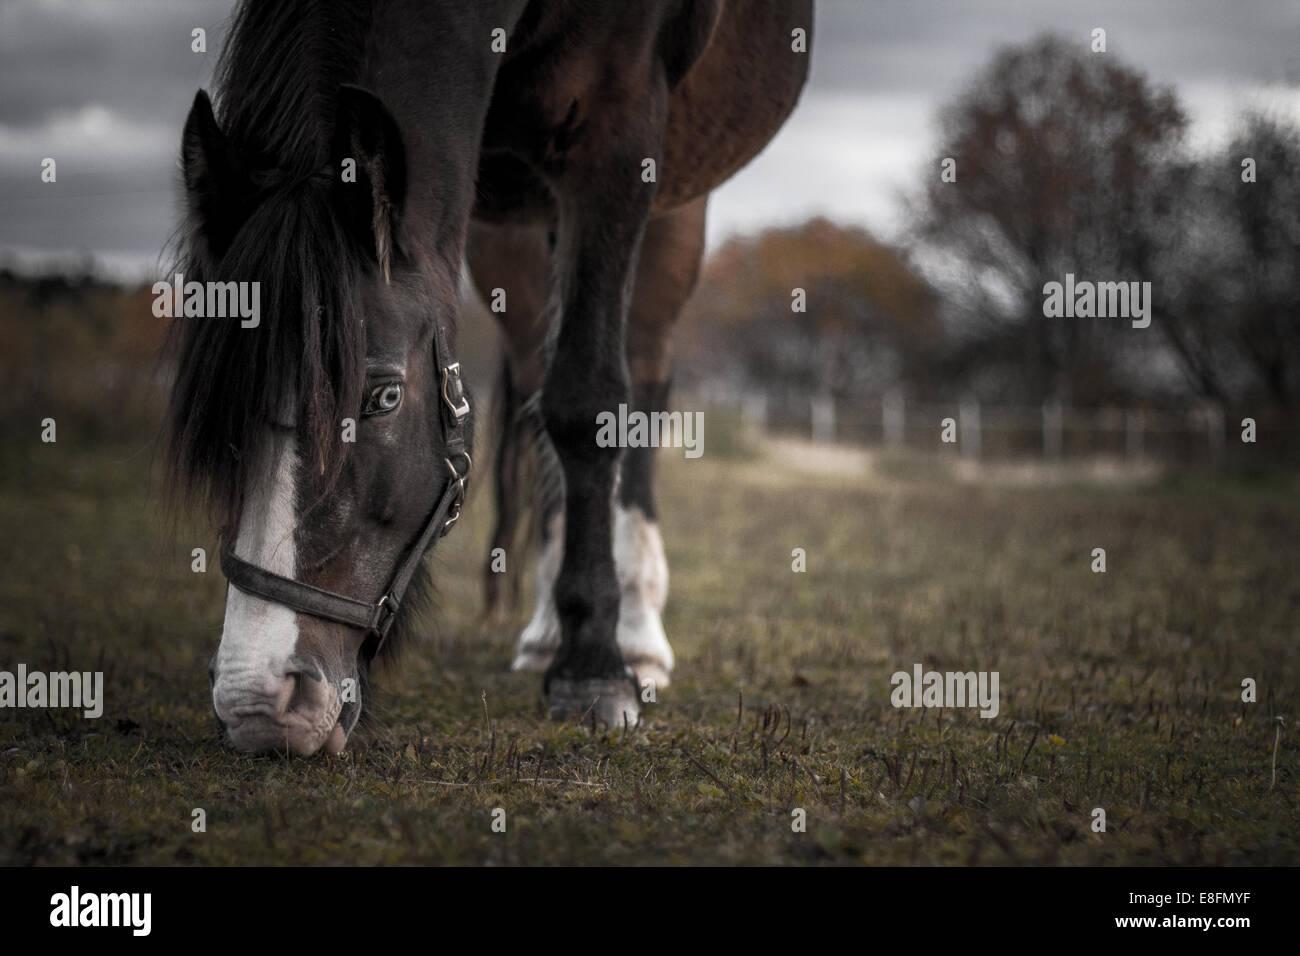 Norwegen, Pferd auf der Weide grasen Stockbild